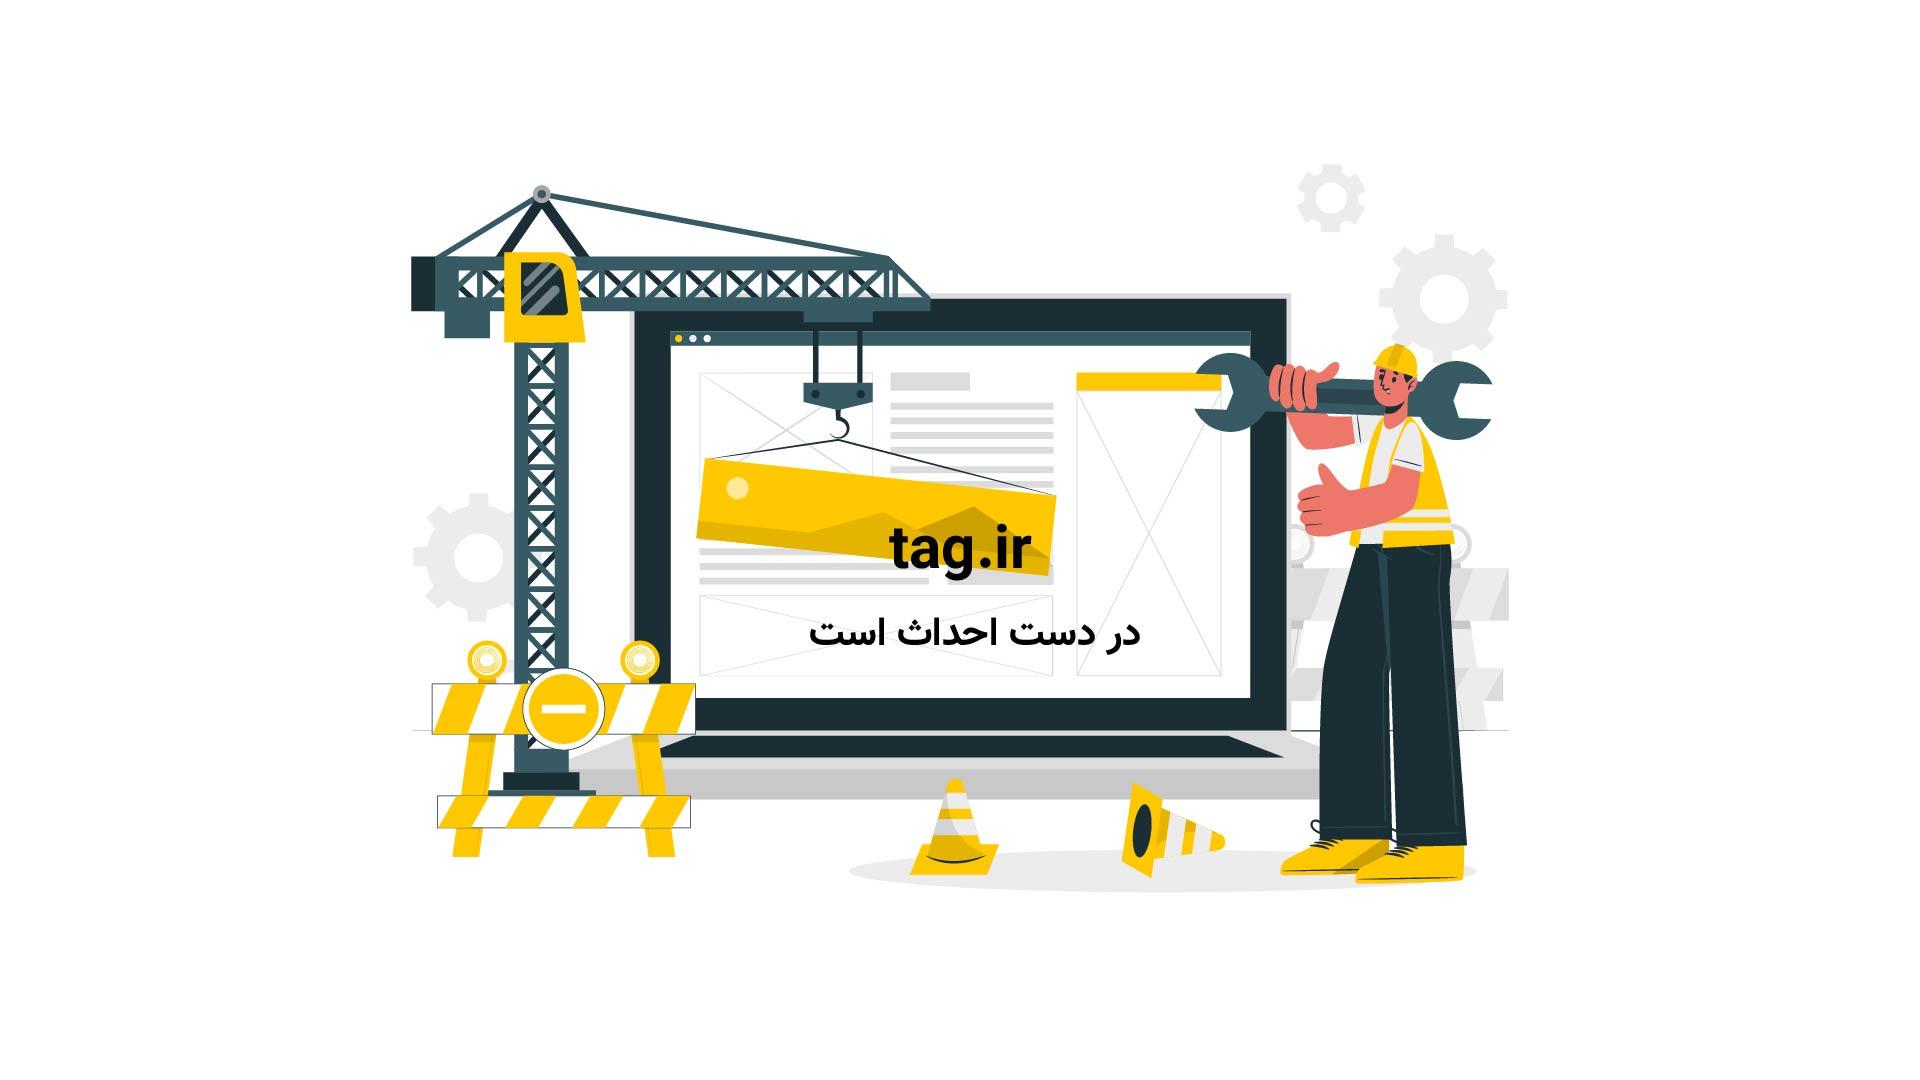 عناوین روزنامههای صبح شنبه ۲۹ مهر | فیلم